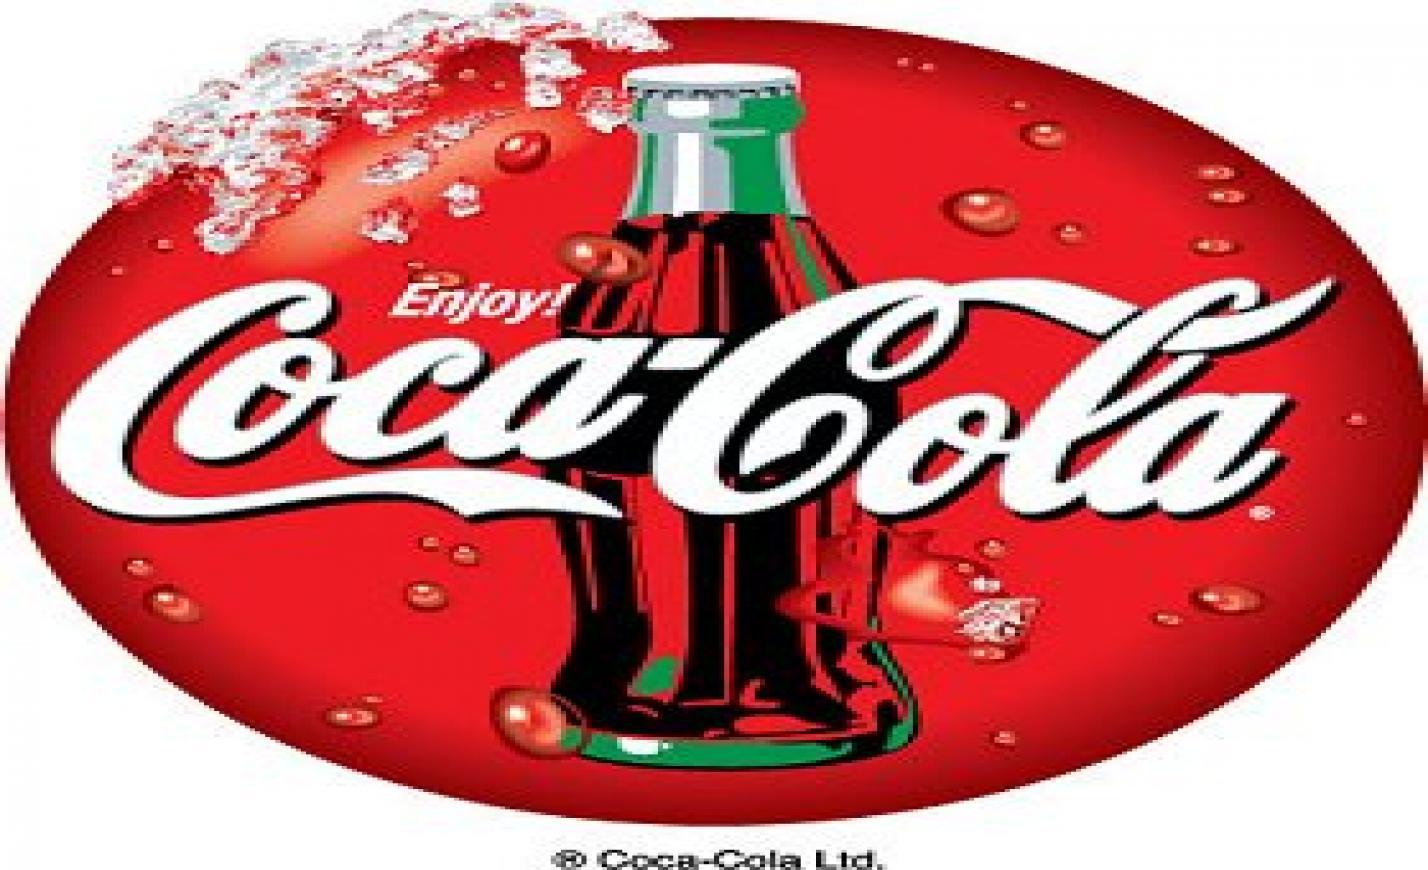 Az európai ásványvizek piacára akar betörni a Coca-Cola